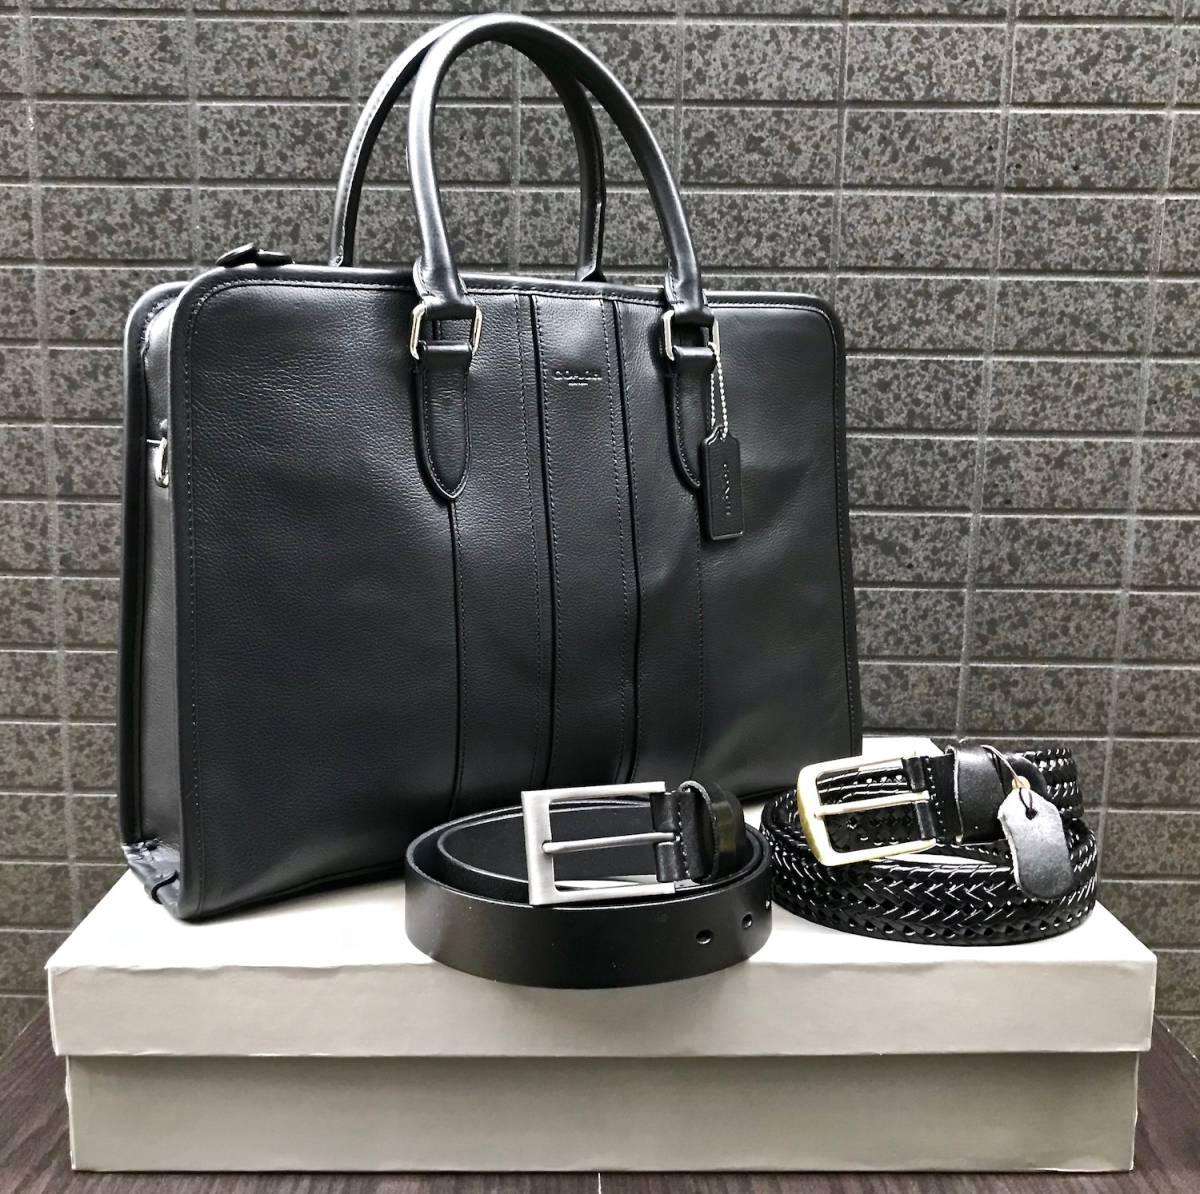 906fa96dbfd4 スタイリスト出品□COACH コーチ 上質レザービジネスバッグ黒 2WAY 高級皮仕様 +本